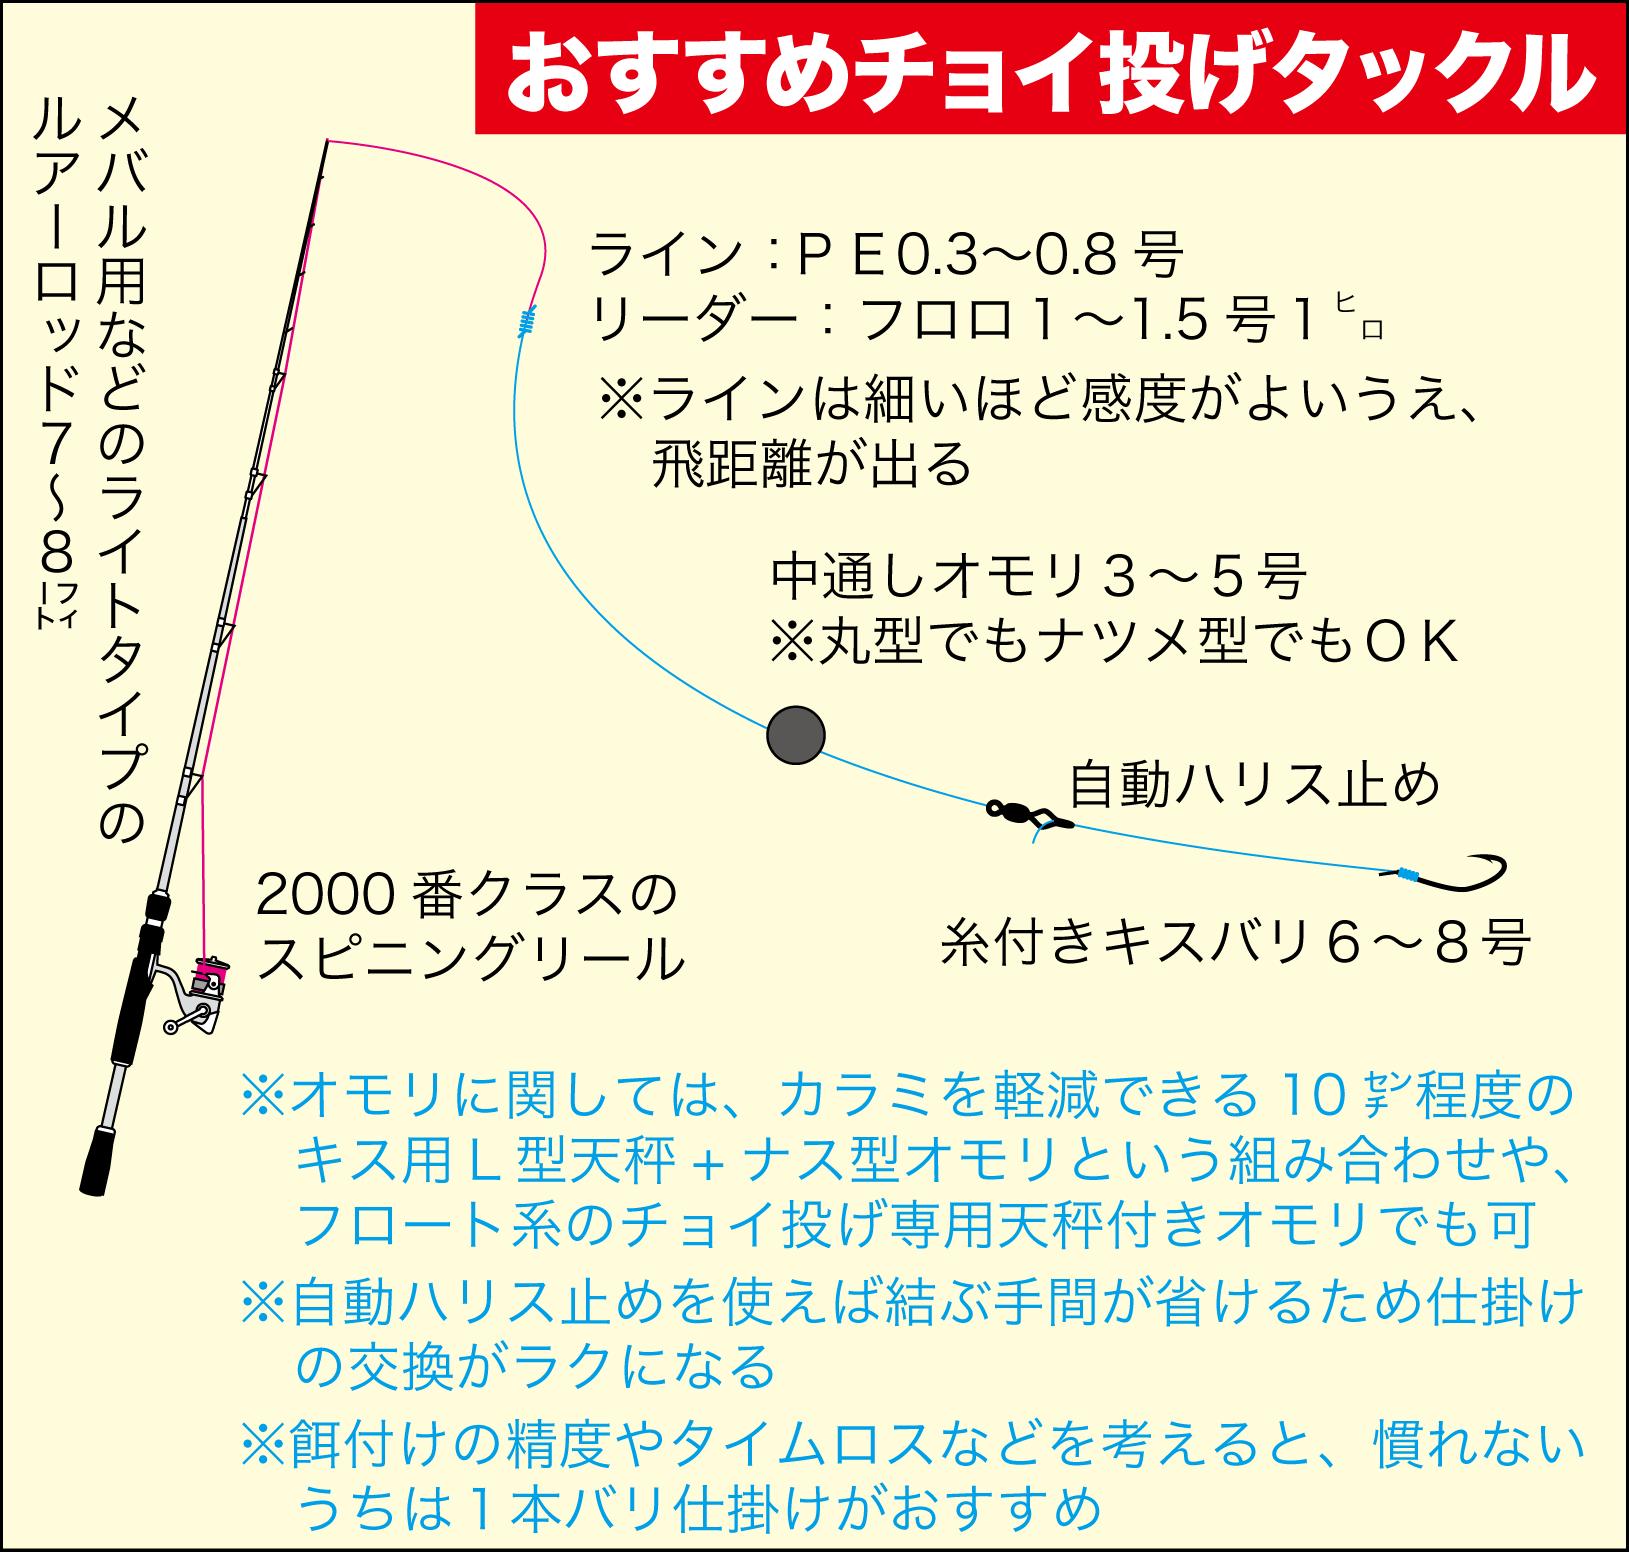 キスのチョイ投げロッド10選-17